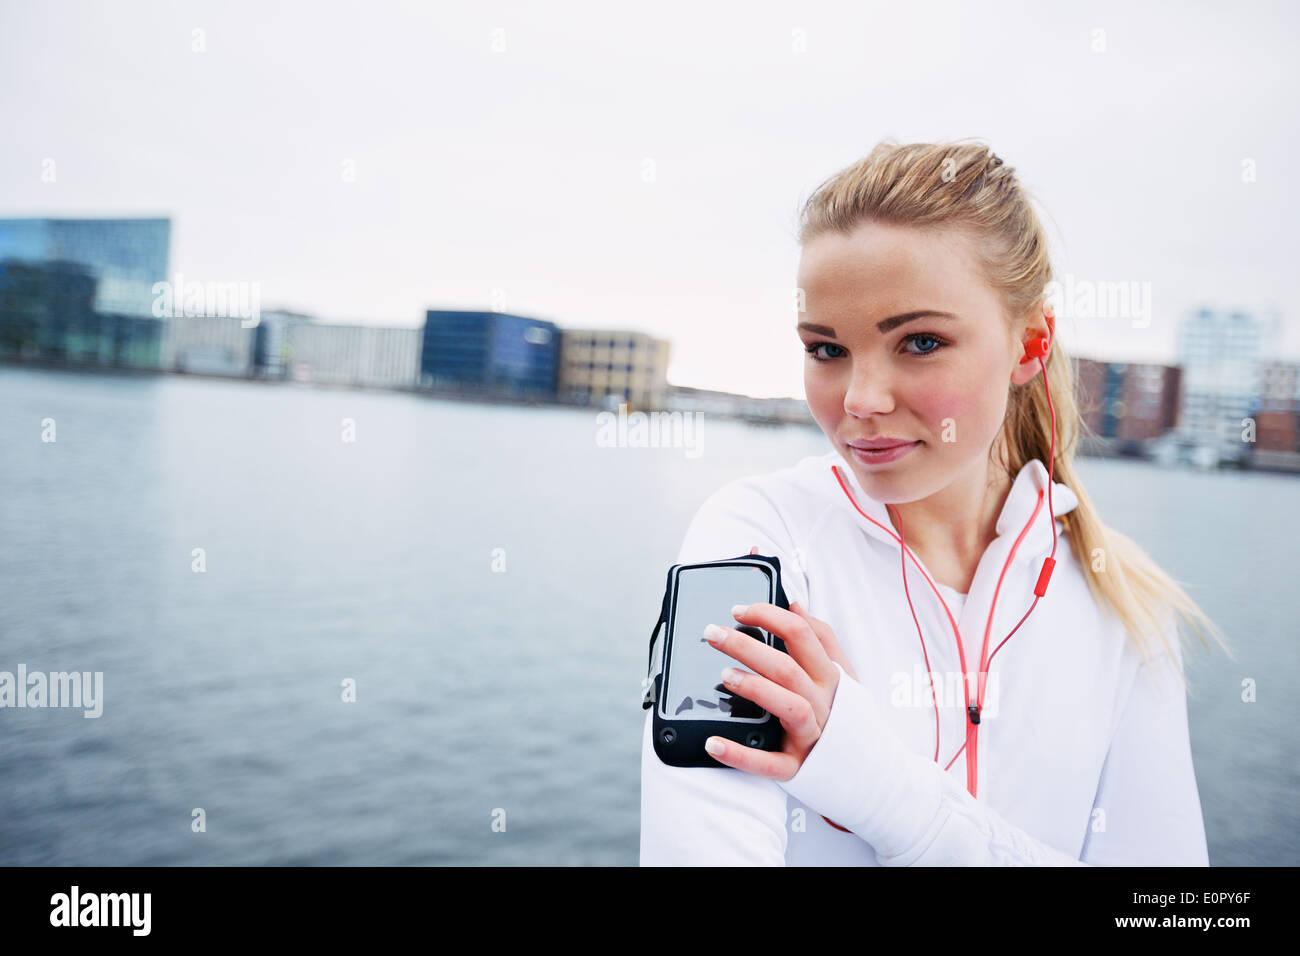 Atleta femminile della formazione all'aperto, utilizzando uno smartphone per monitorare i suoi progressi. Montare e sportività giovane atleta indossa fascia per il braccio Immagini Stock